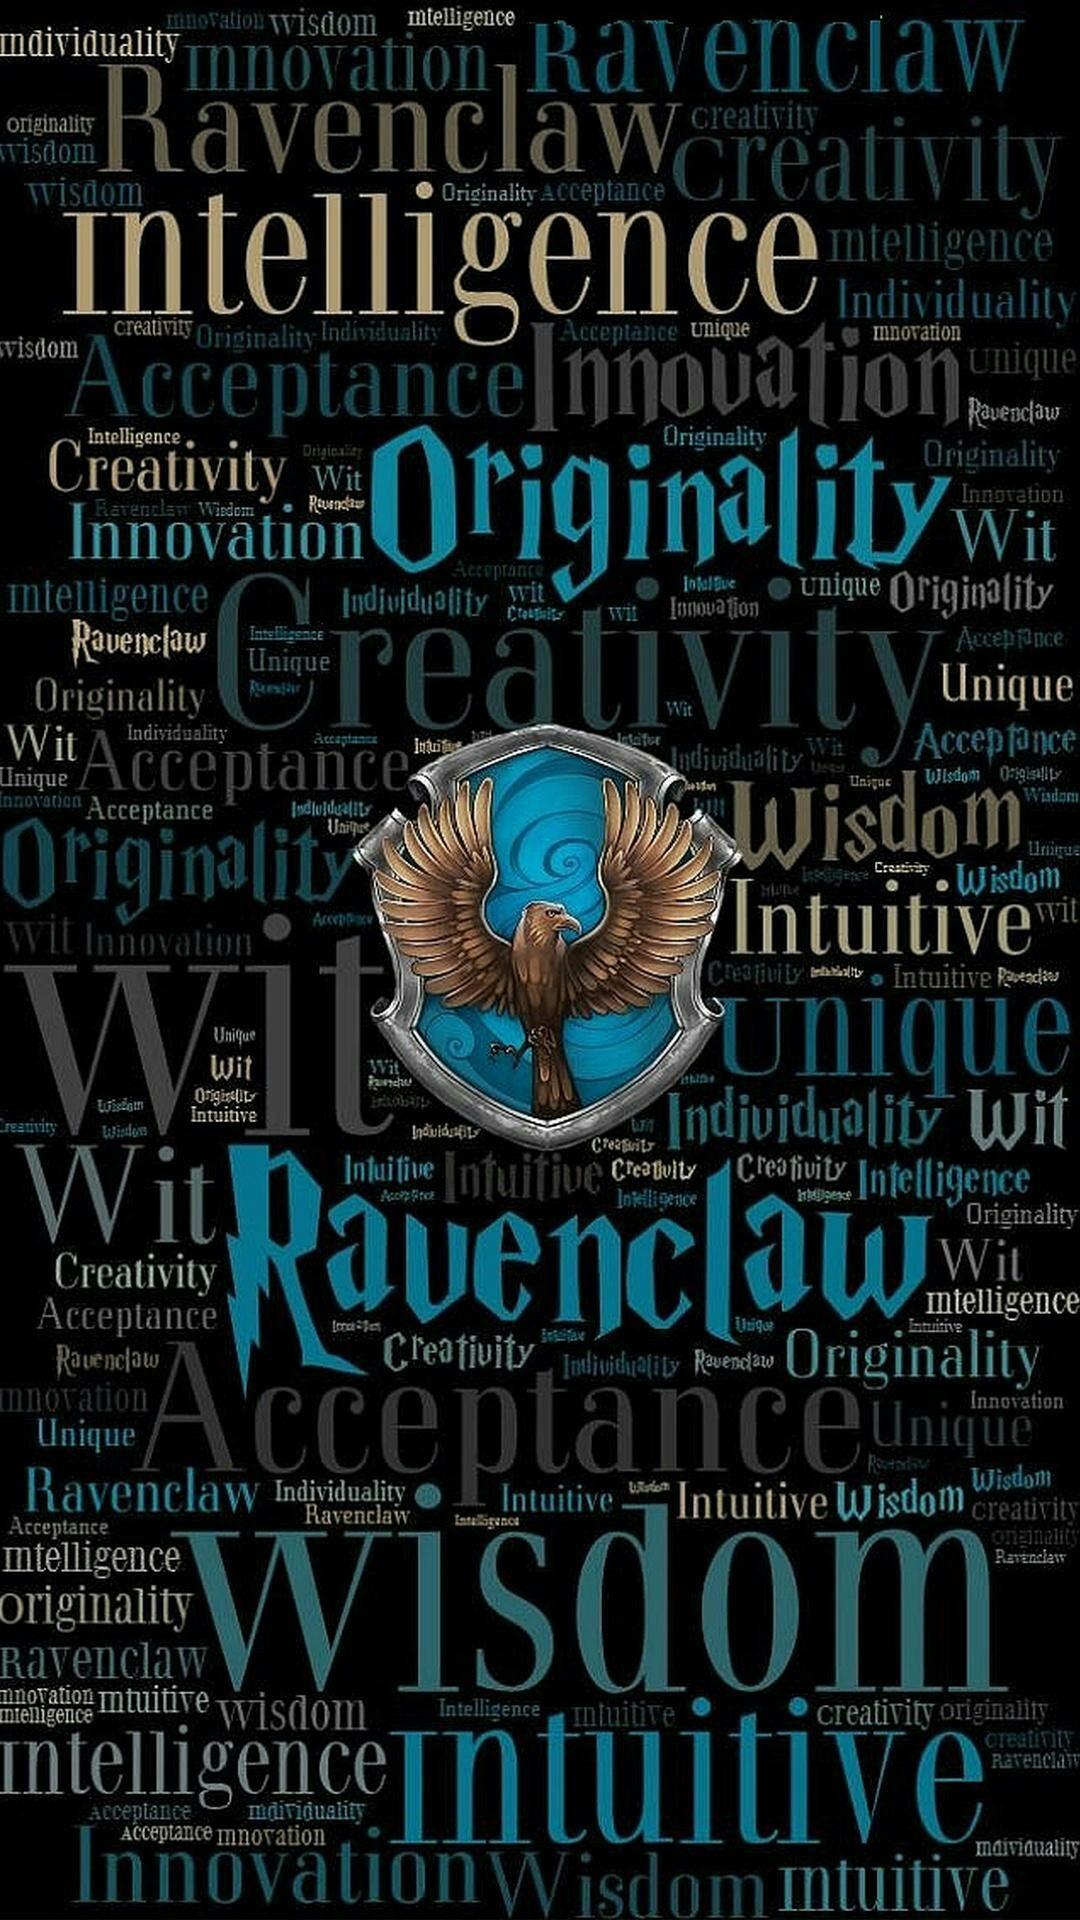 Fandoms, Harry Potter, Ravenclaw, Frames